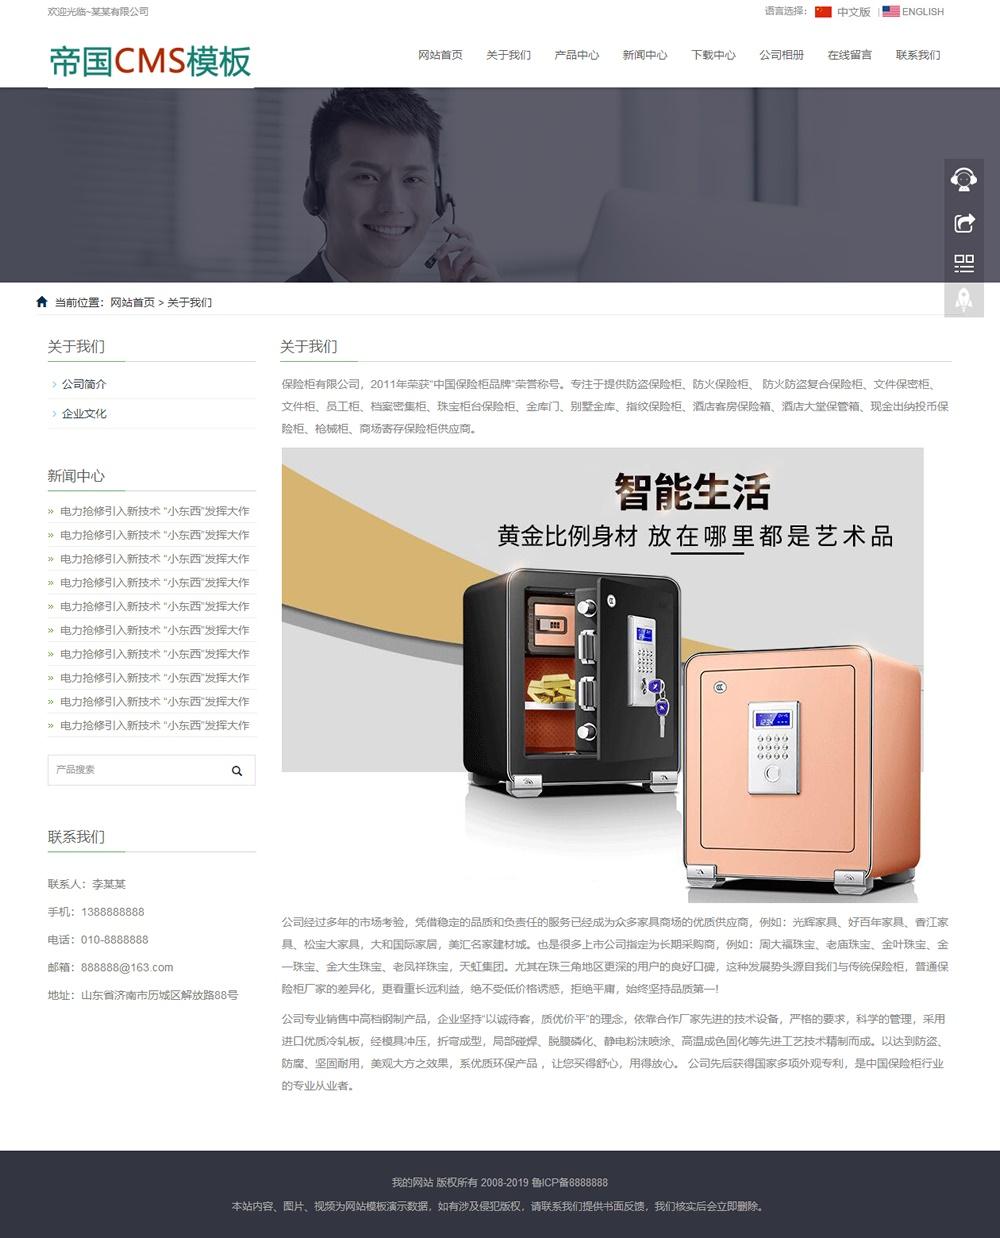 帝国cms自适应响应式中英文双语公司企业通用网站模板_单页